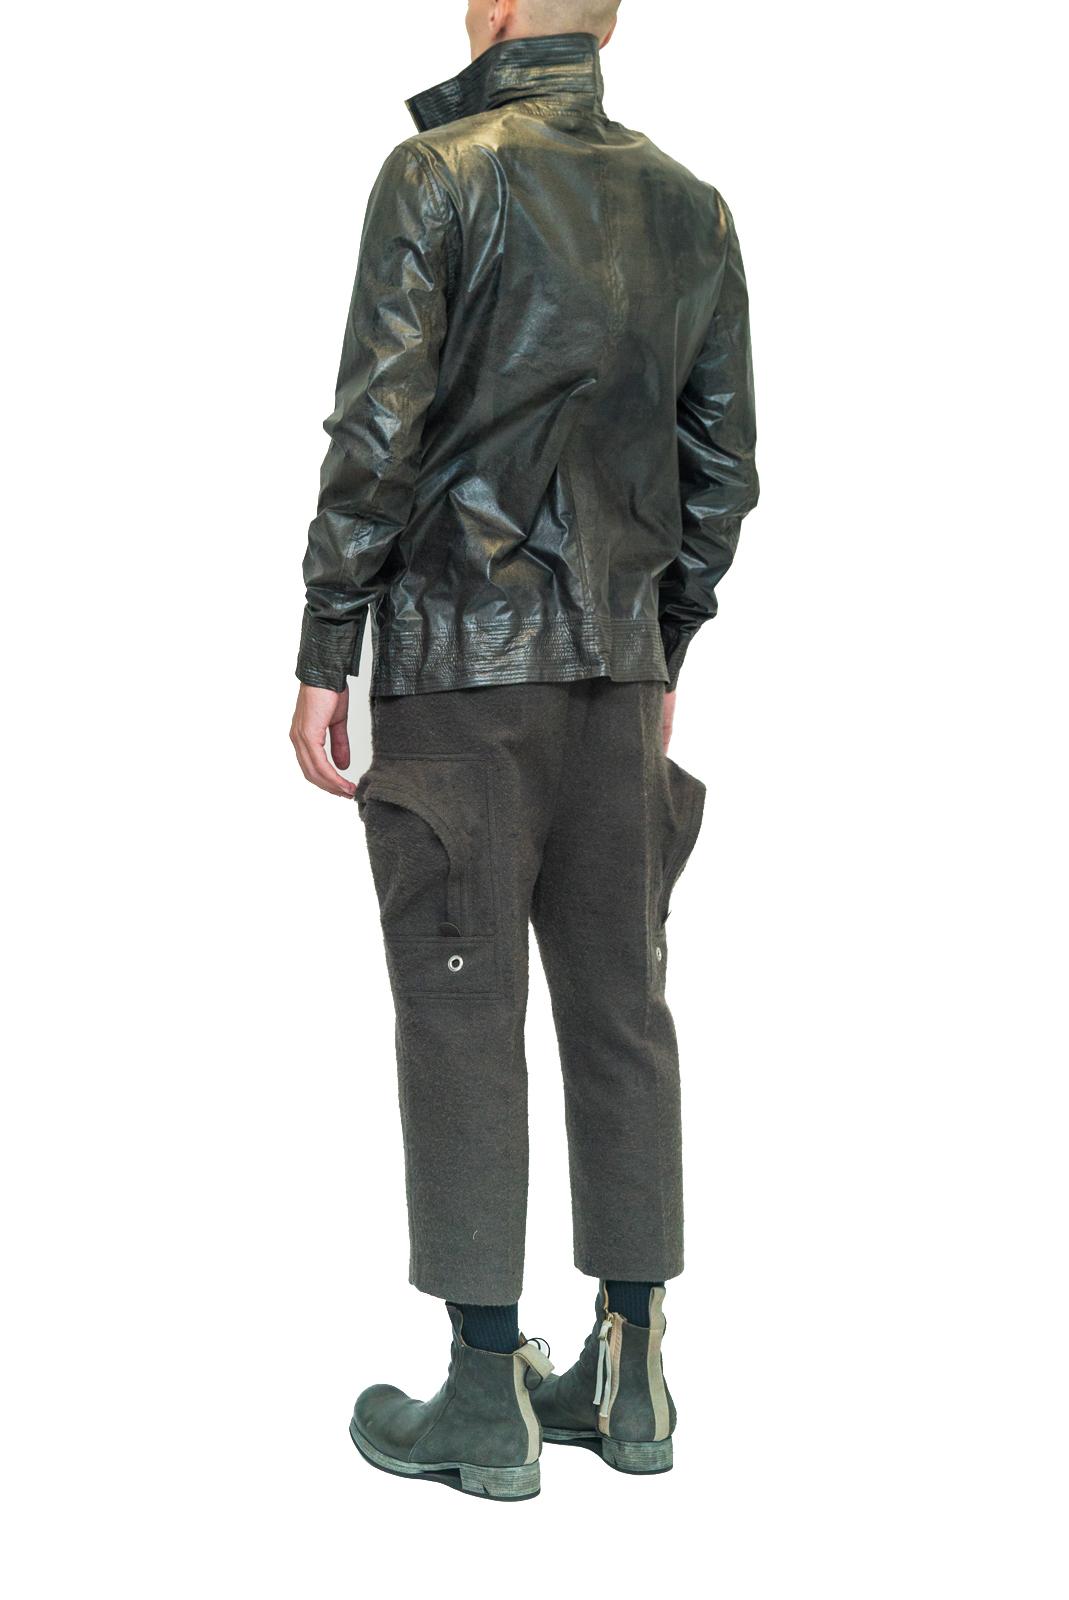 Deepti metal jacket airlock zip